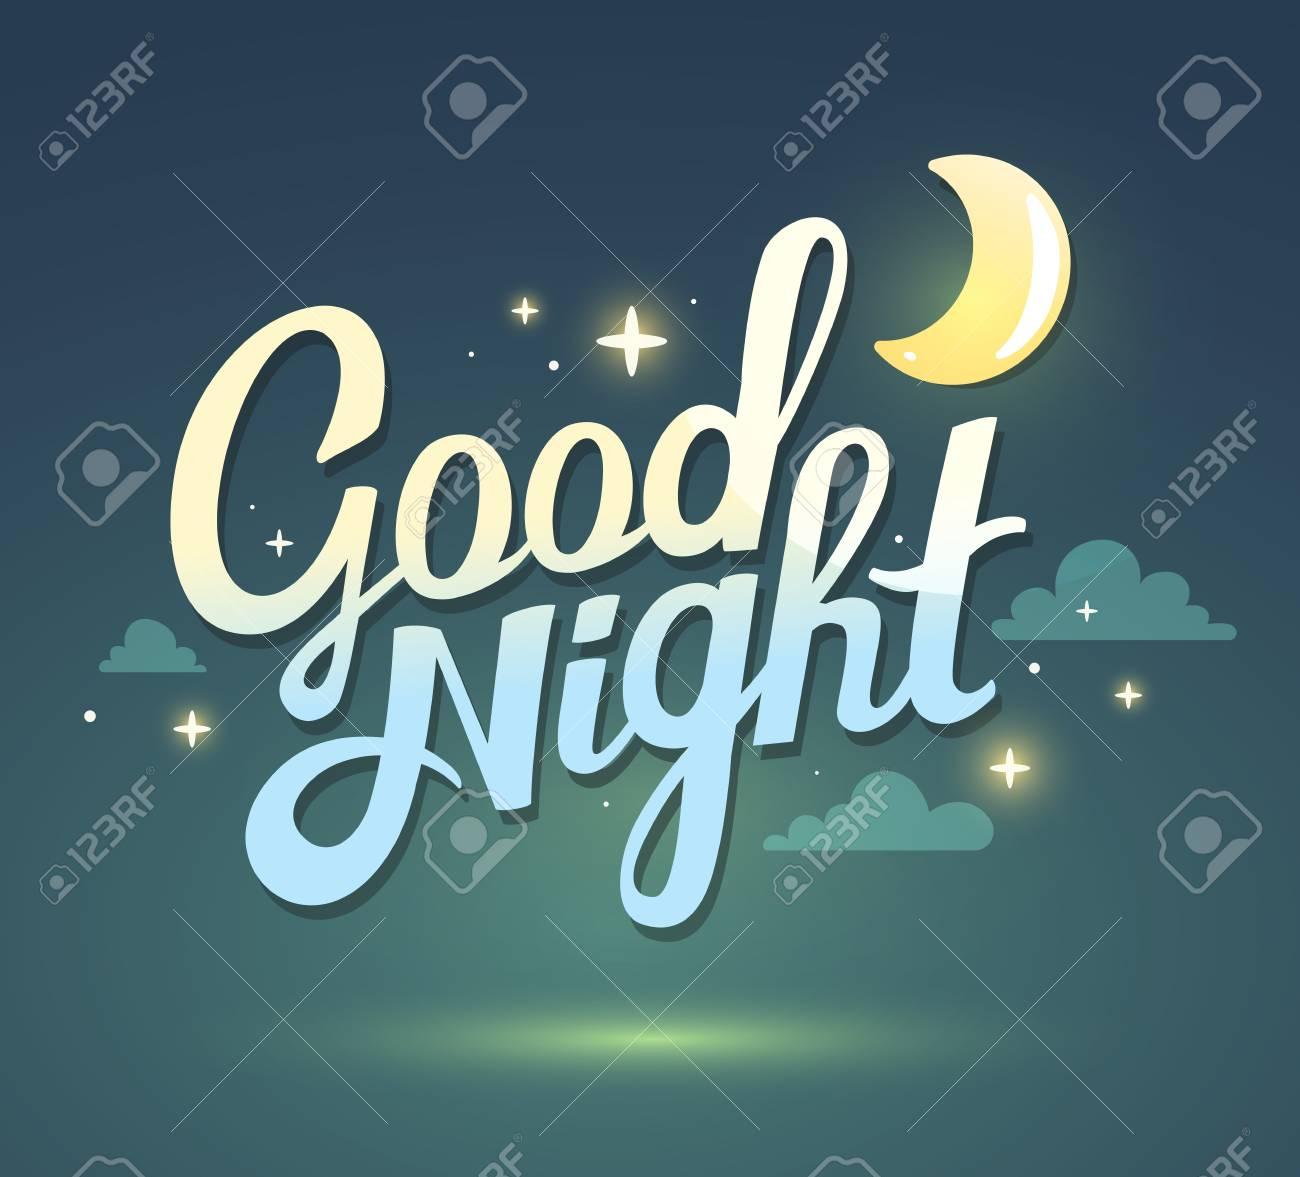 Ilustracion De Desear Buenas Noches En El Fondo Del Cielo Verde